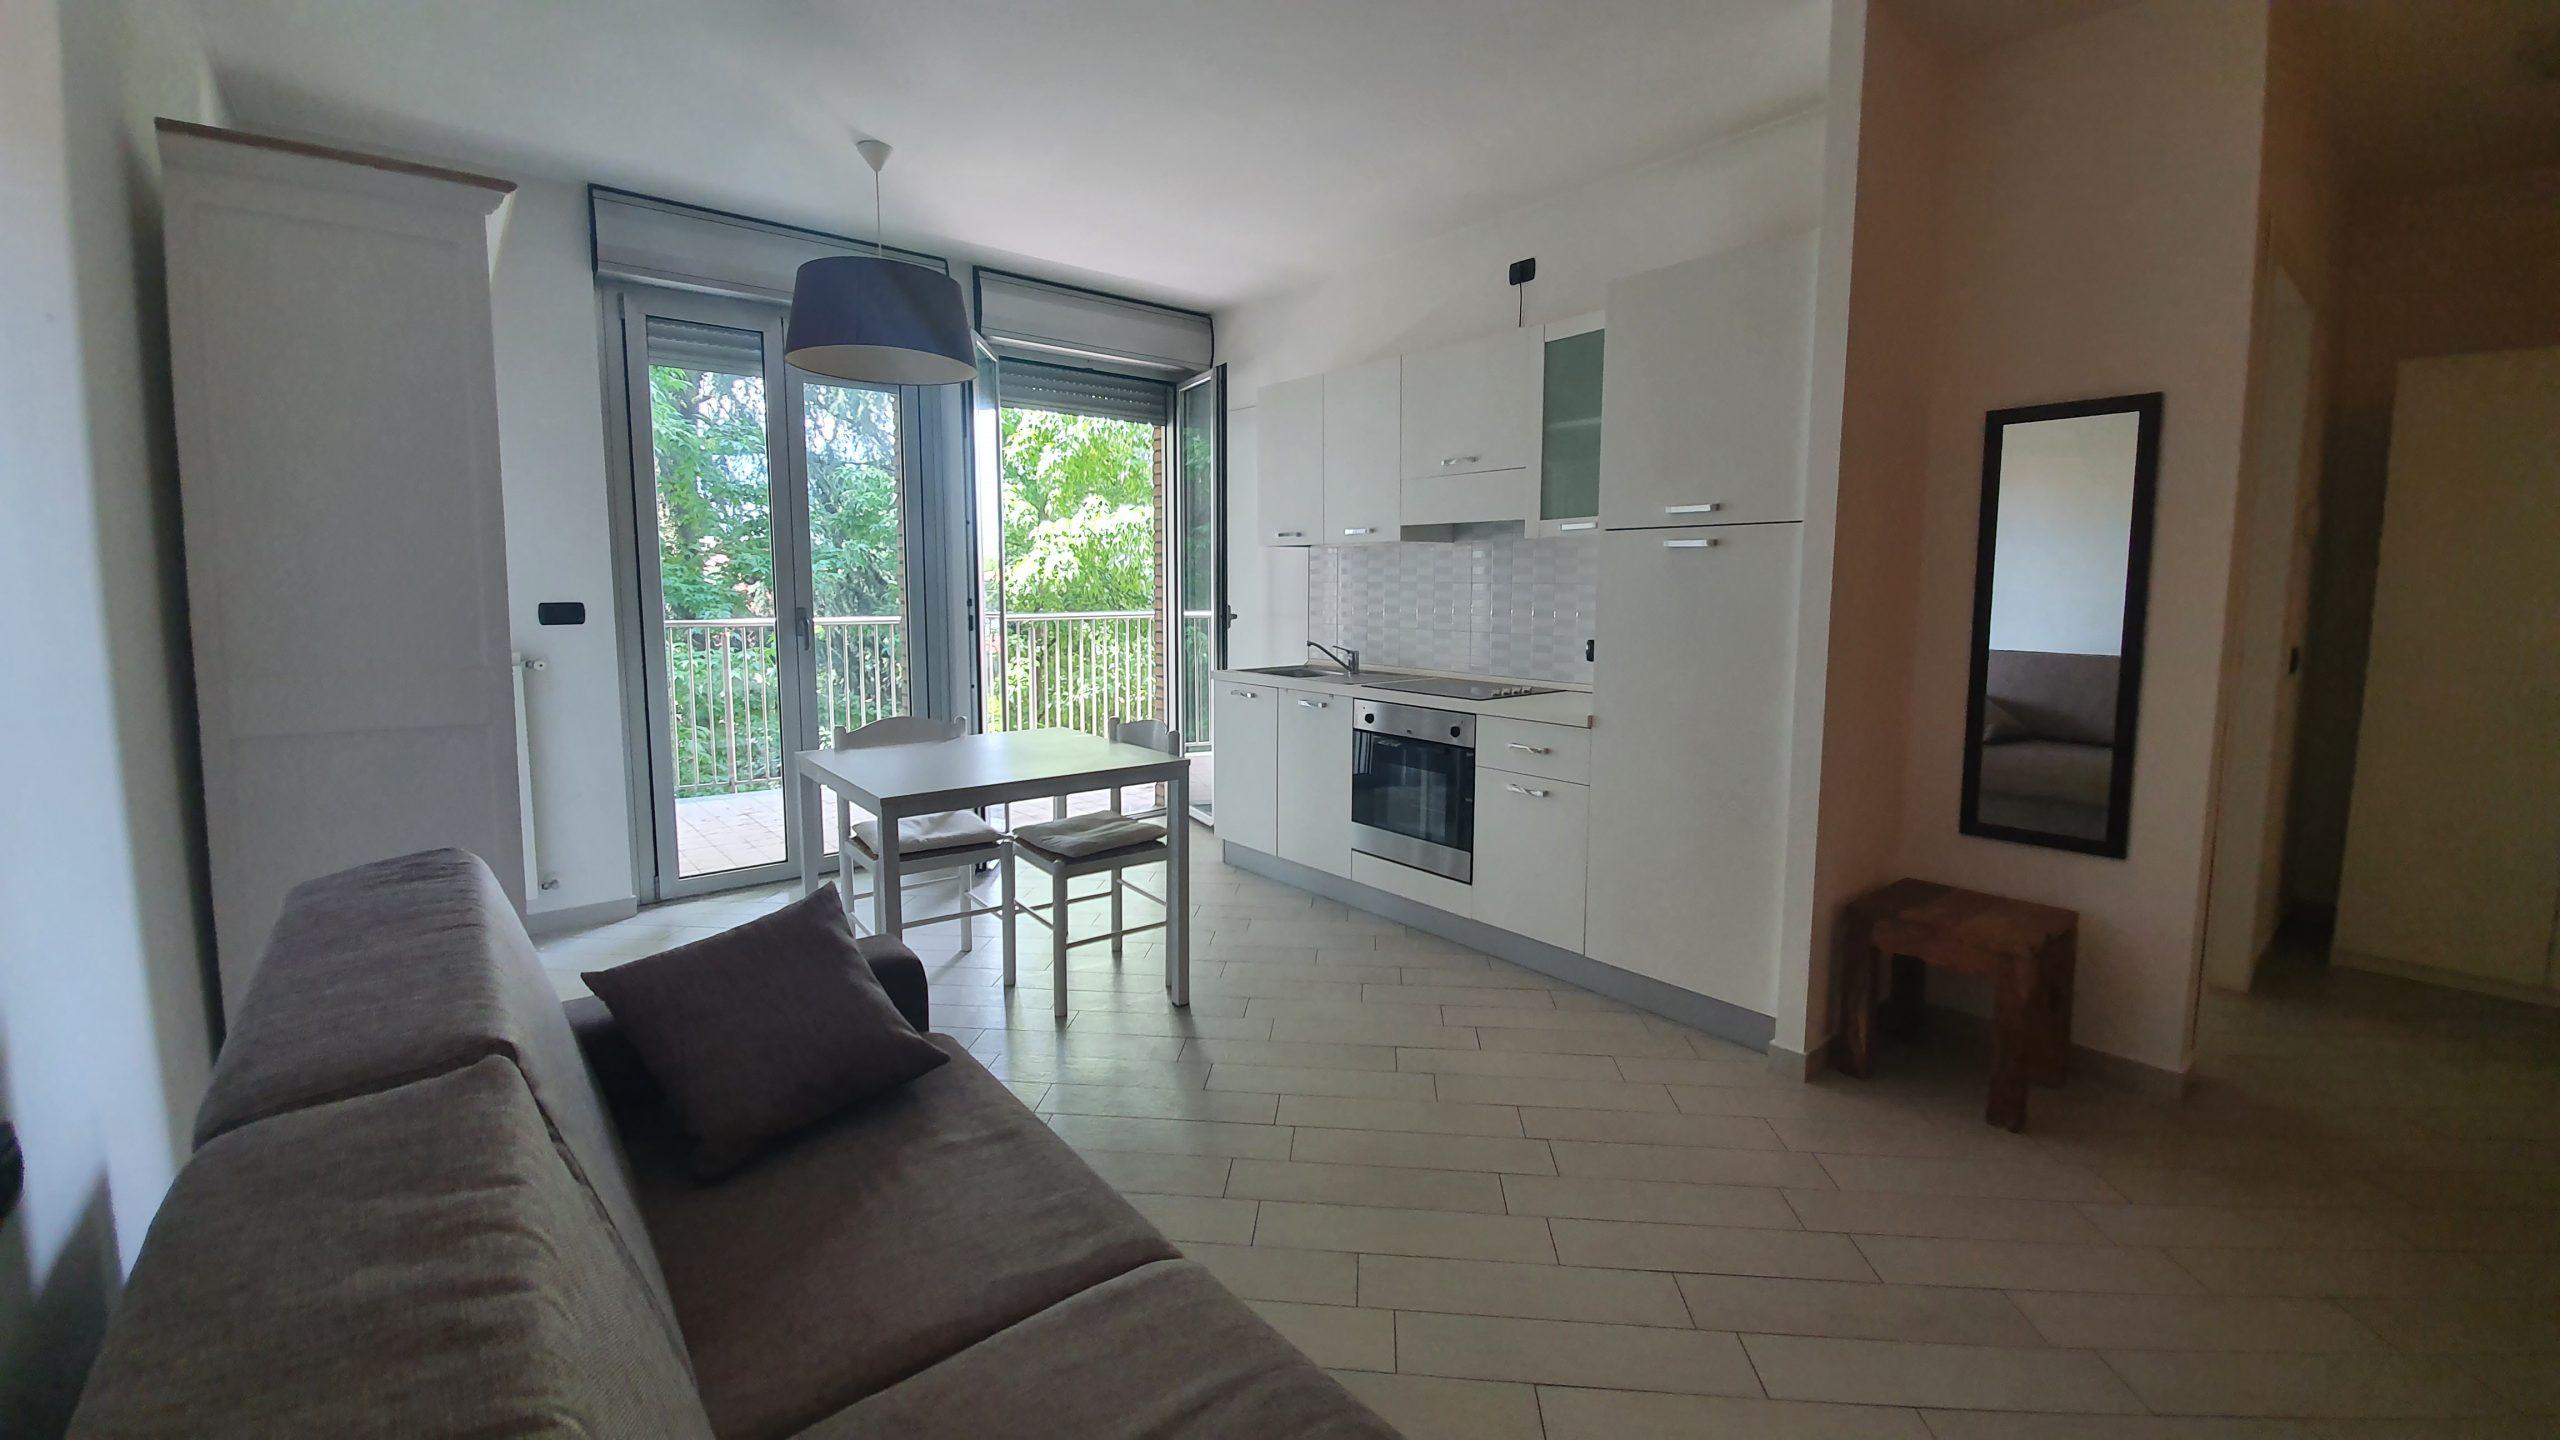 Monolocale con terrazzo in vendita a Legnano